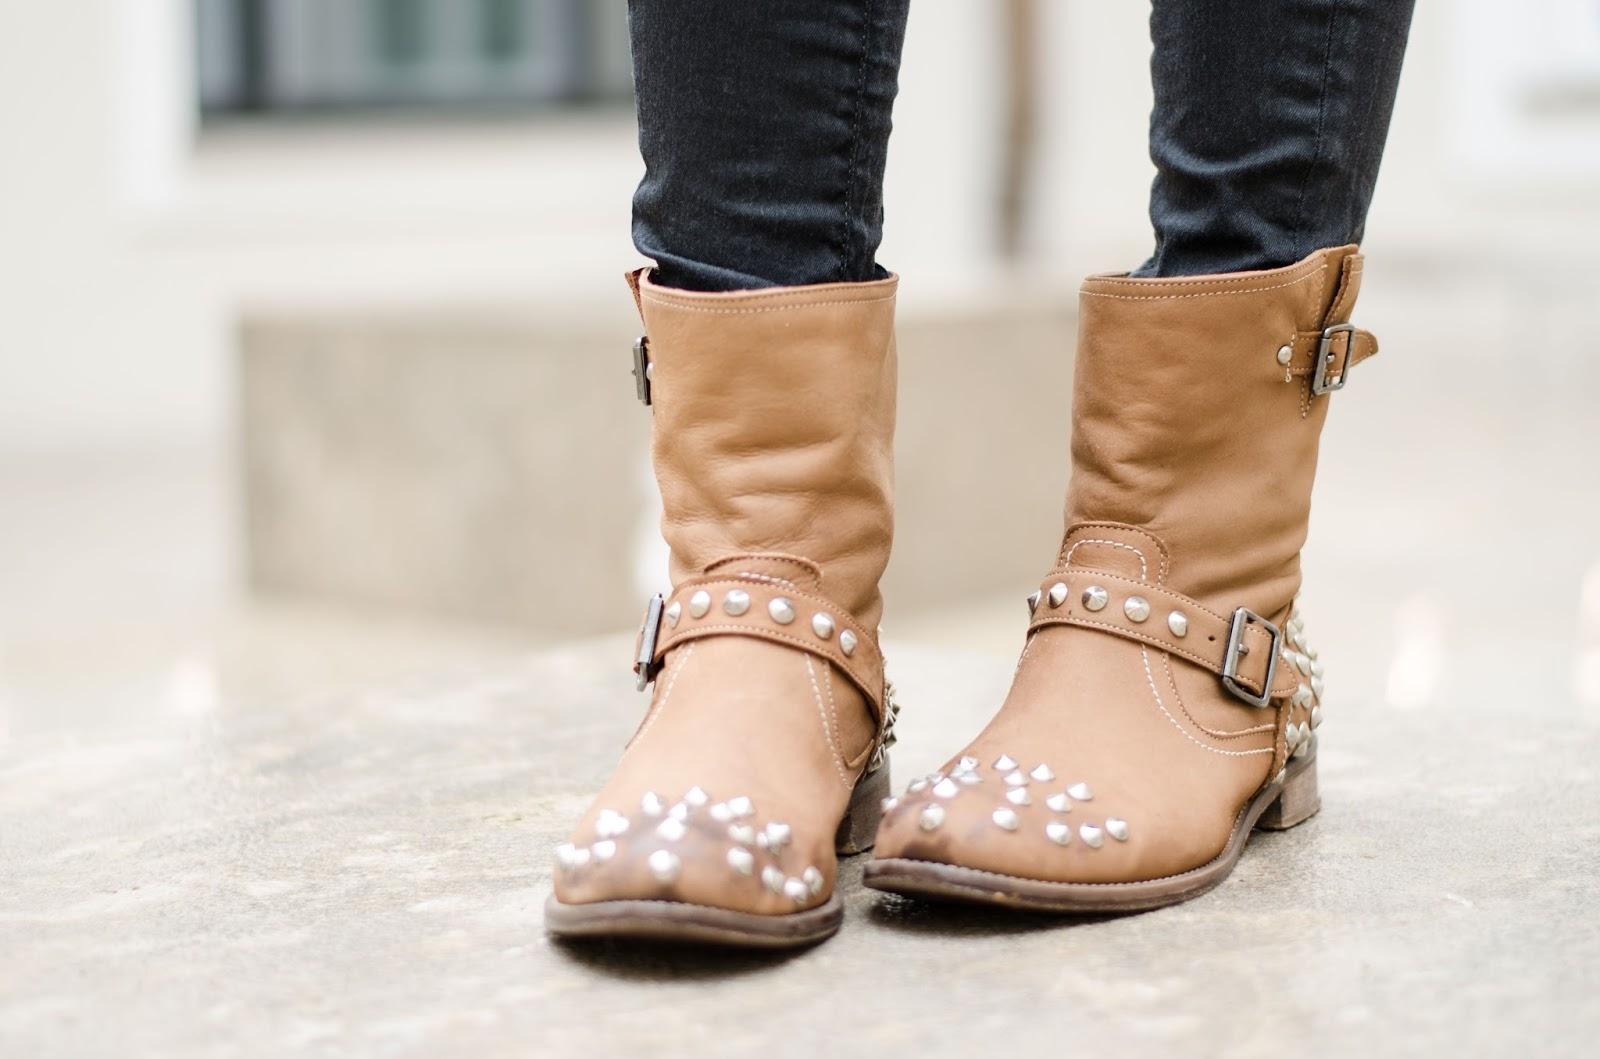 kristjaana mere chiara ferragni studded ankle boots